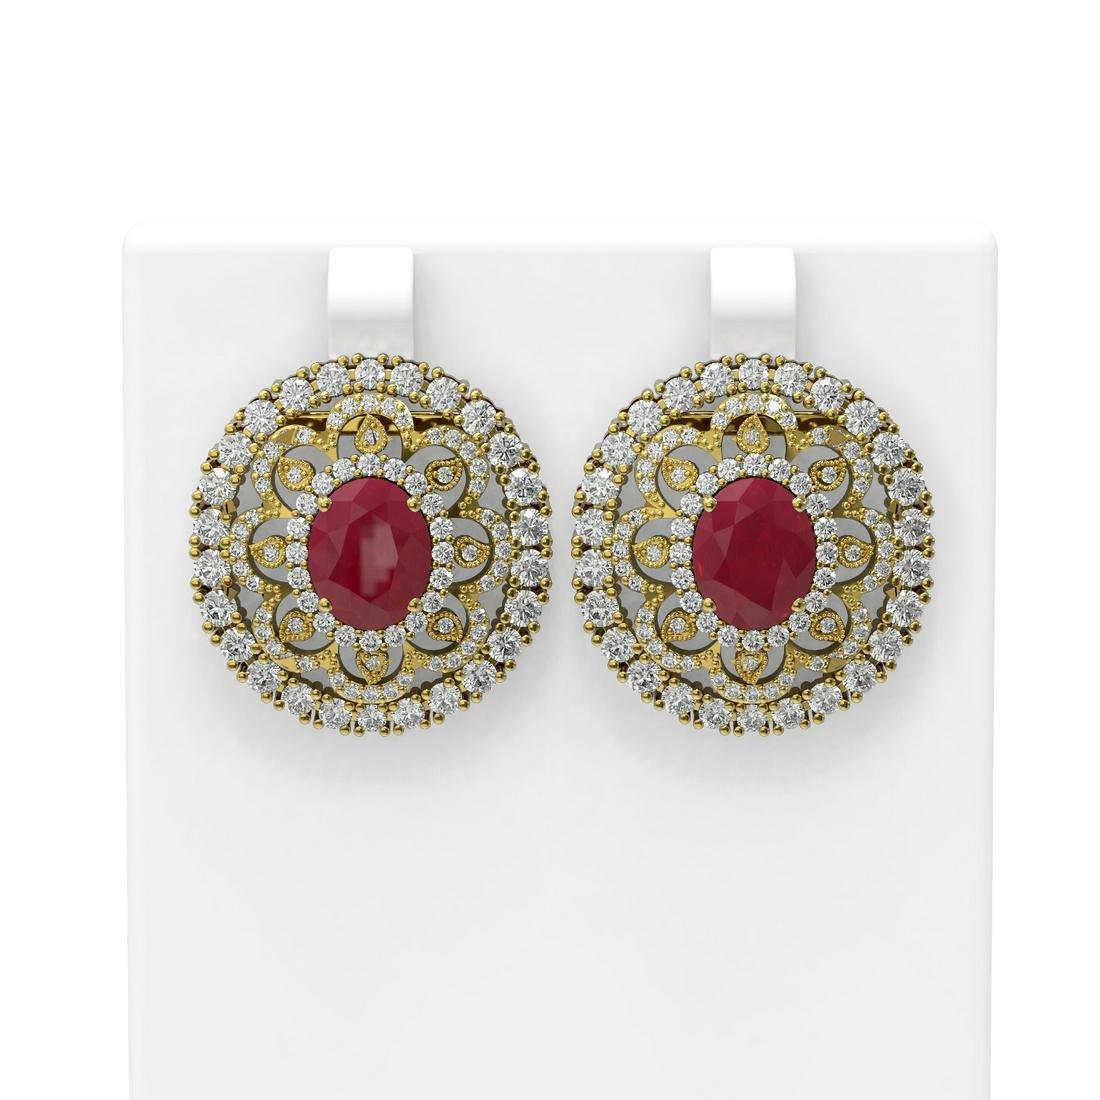 13.01 ctw Ruby & Diamond Earrings 18K Yellow Gold -